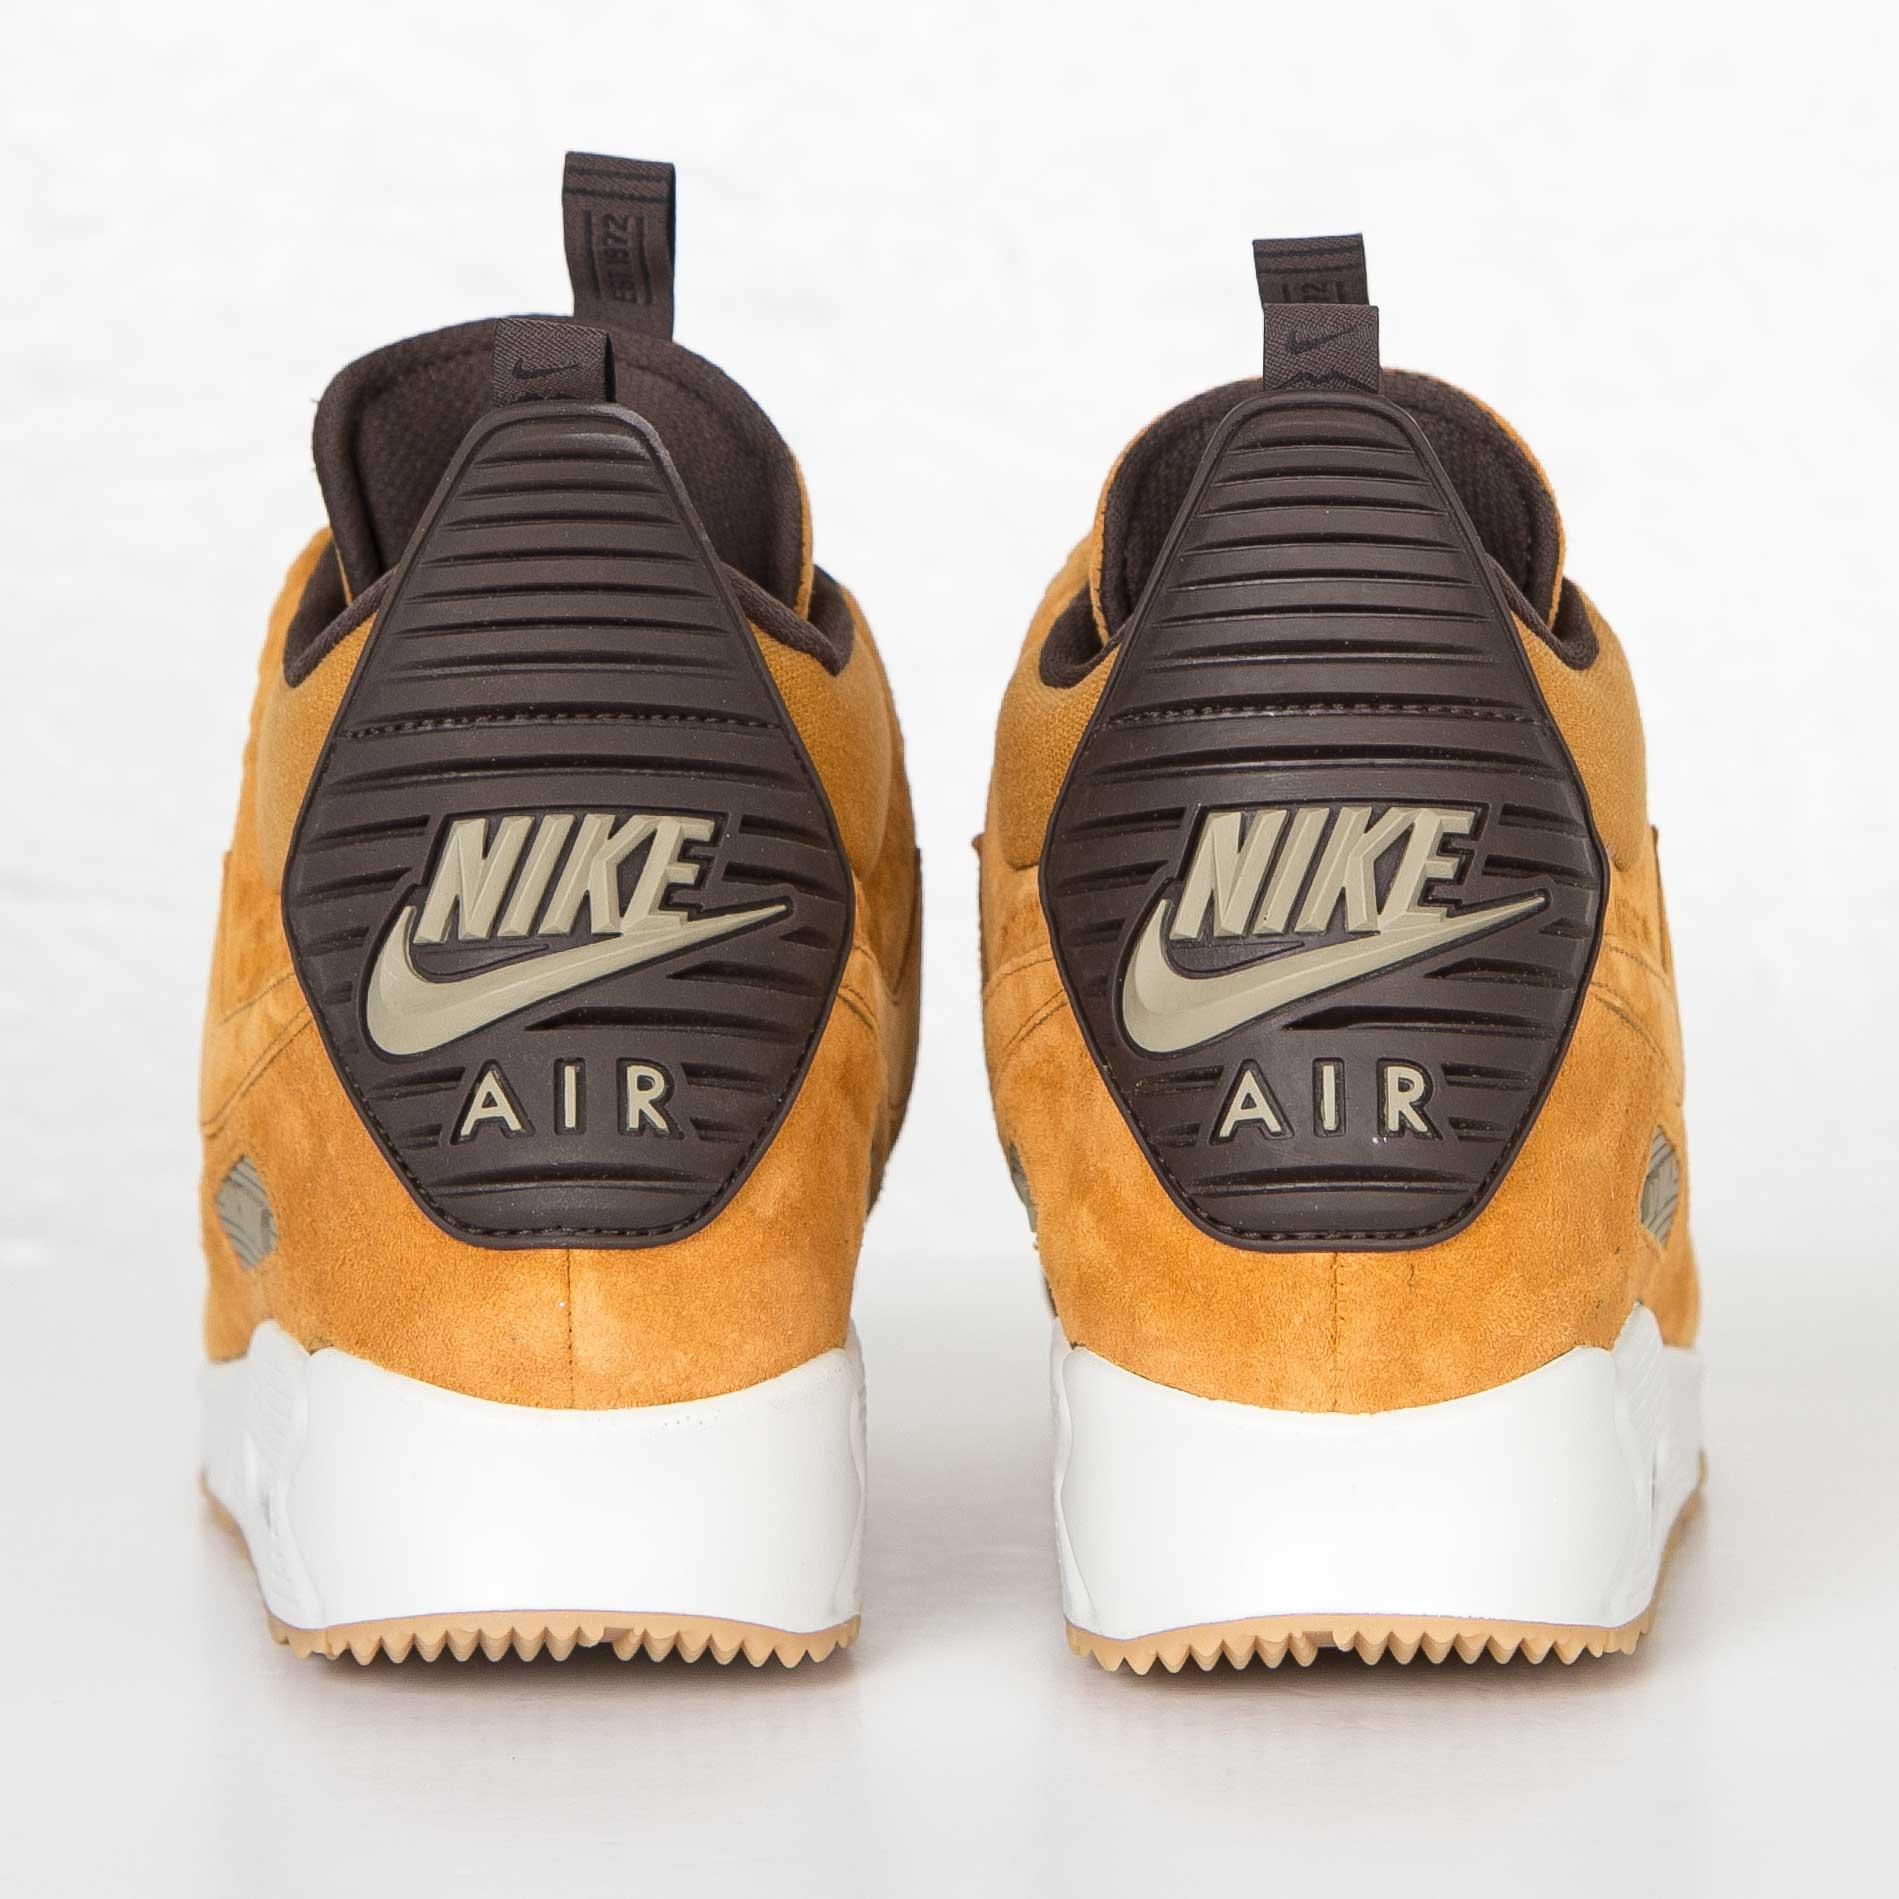 a1c6b92d3f5cdb Nike Air Max 90 Sneakerboot Winter - 684714-700 - Sneakersnstuff ...